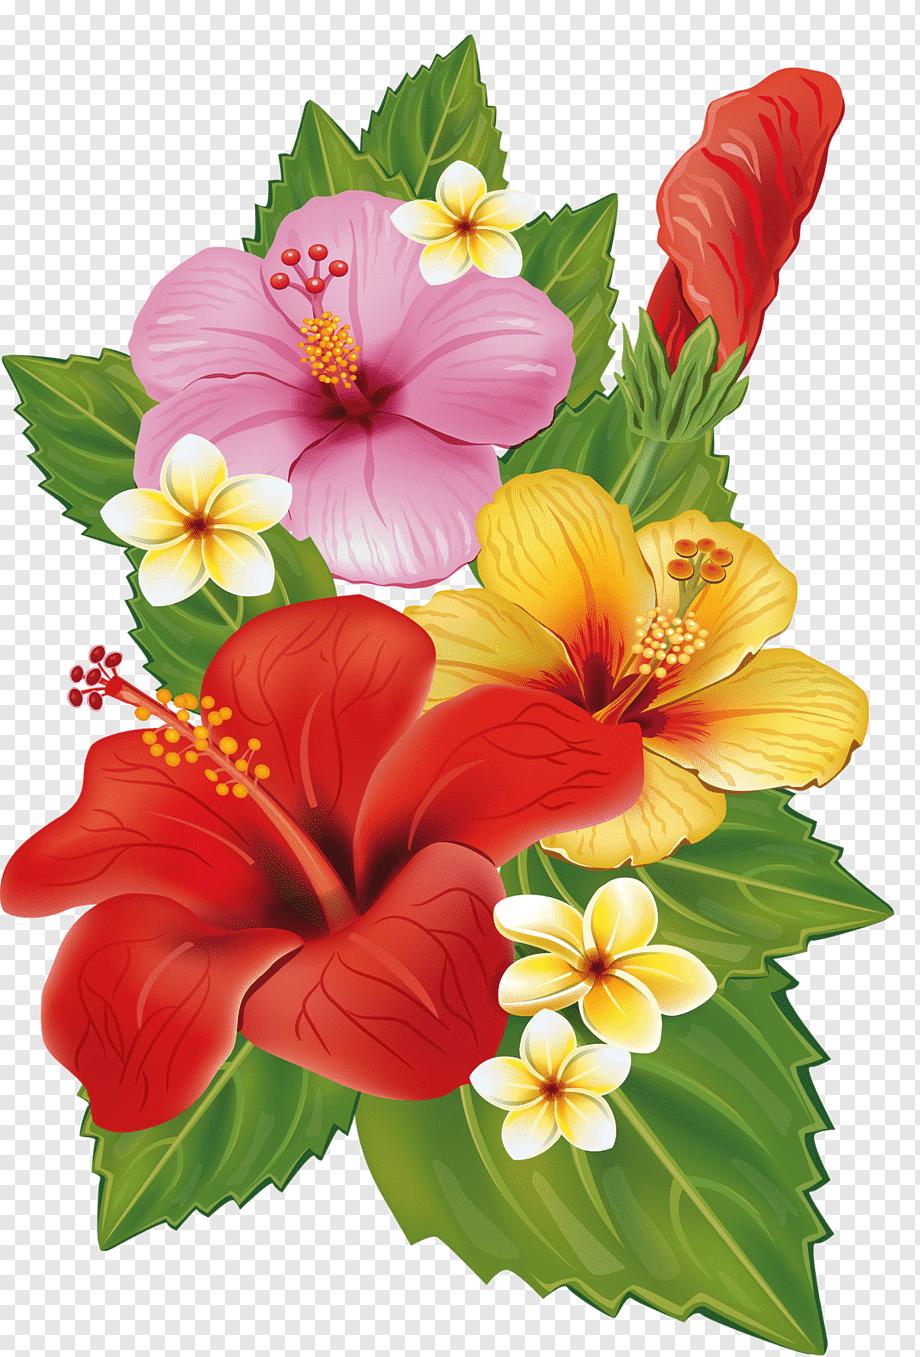 Hibiscus Flowers Illustration Flower Bouquet Decorative Arts Tropical Flower Herbaceous Plant Hibiscus Flower Drawing Flower Drawing Flower Bouquet Painting